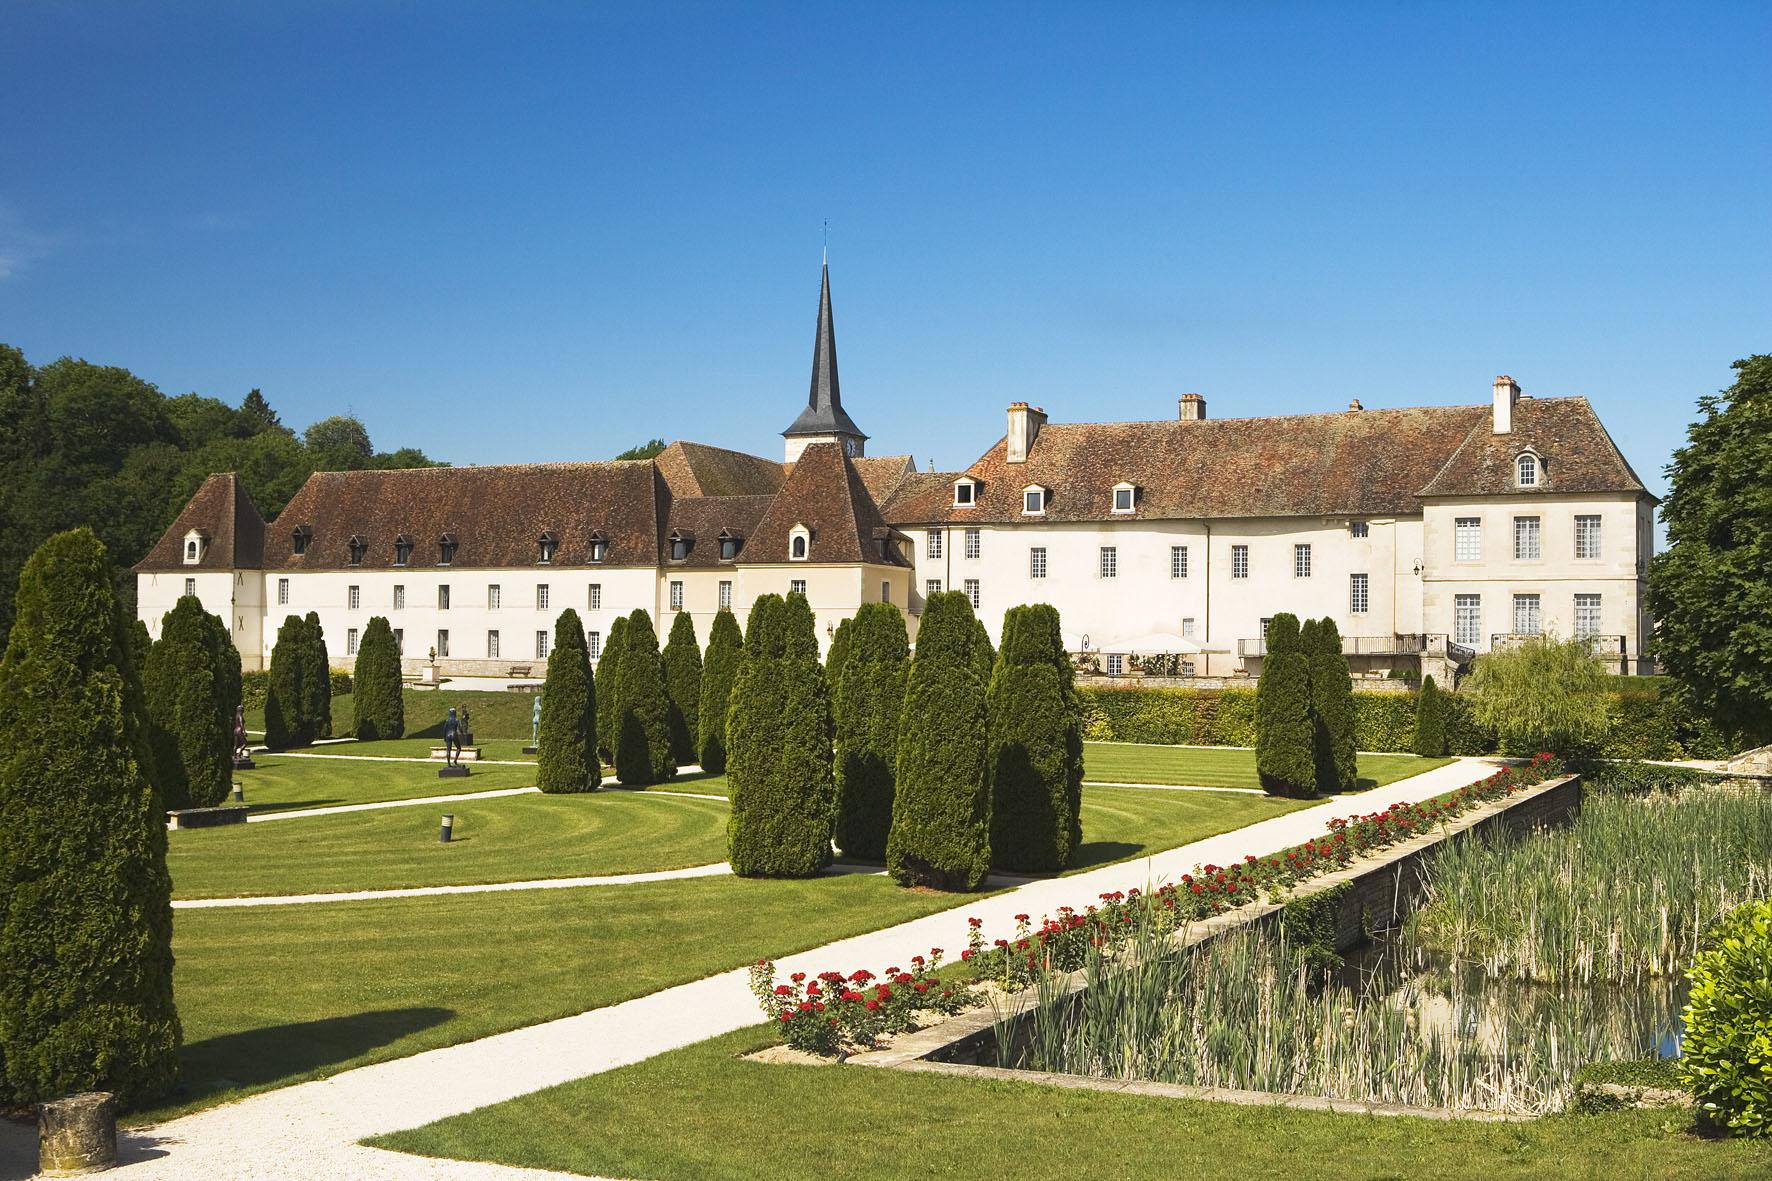 Проживання у замку «Château de Gilly» з гастрономічною кухнею.  Це будівля колишнього цистеріанського монастиря, побудованого ще у 14 ст.